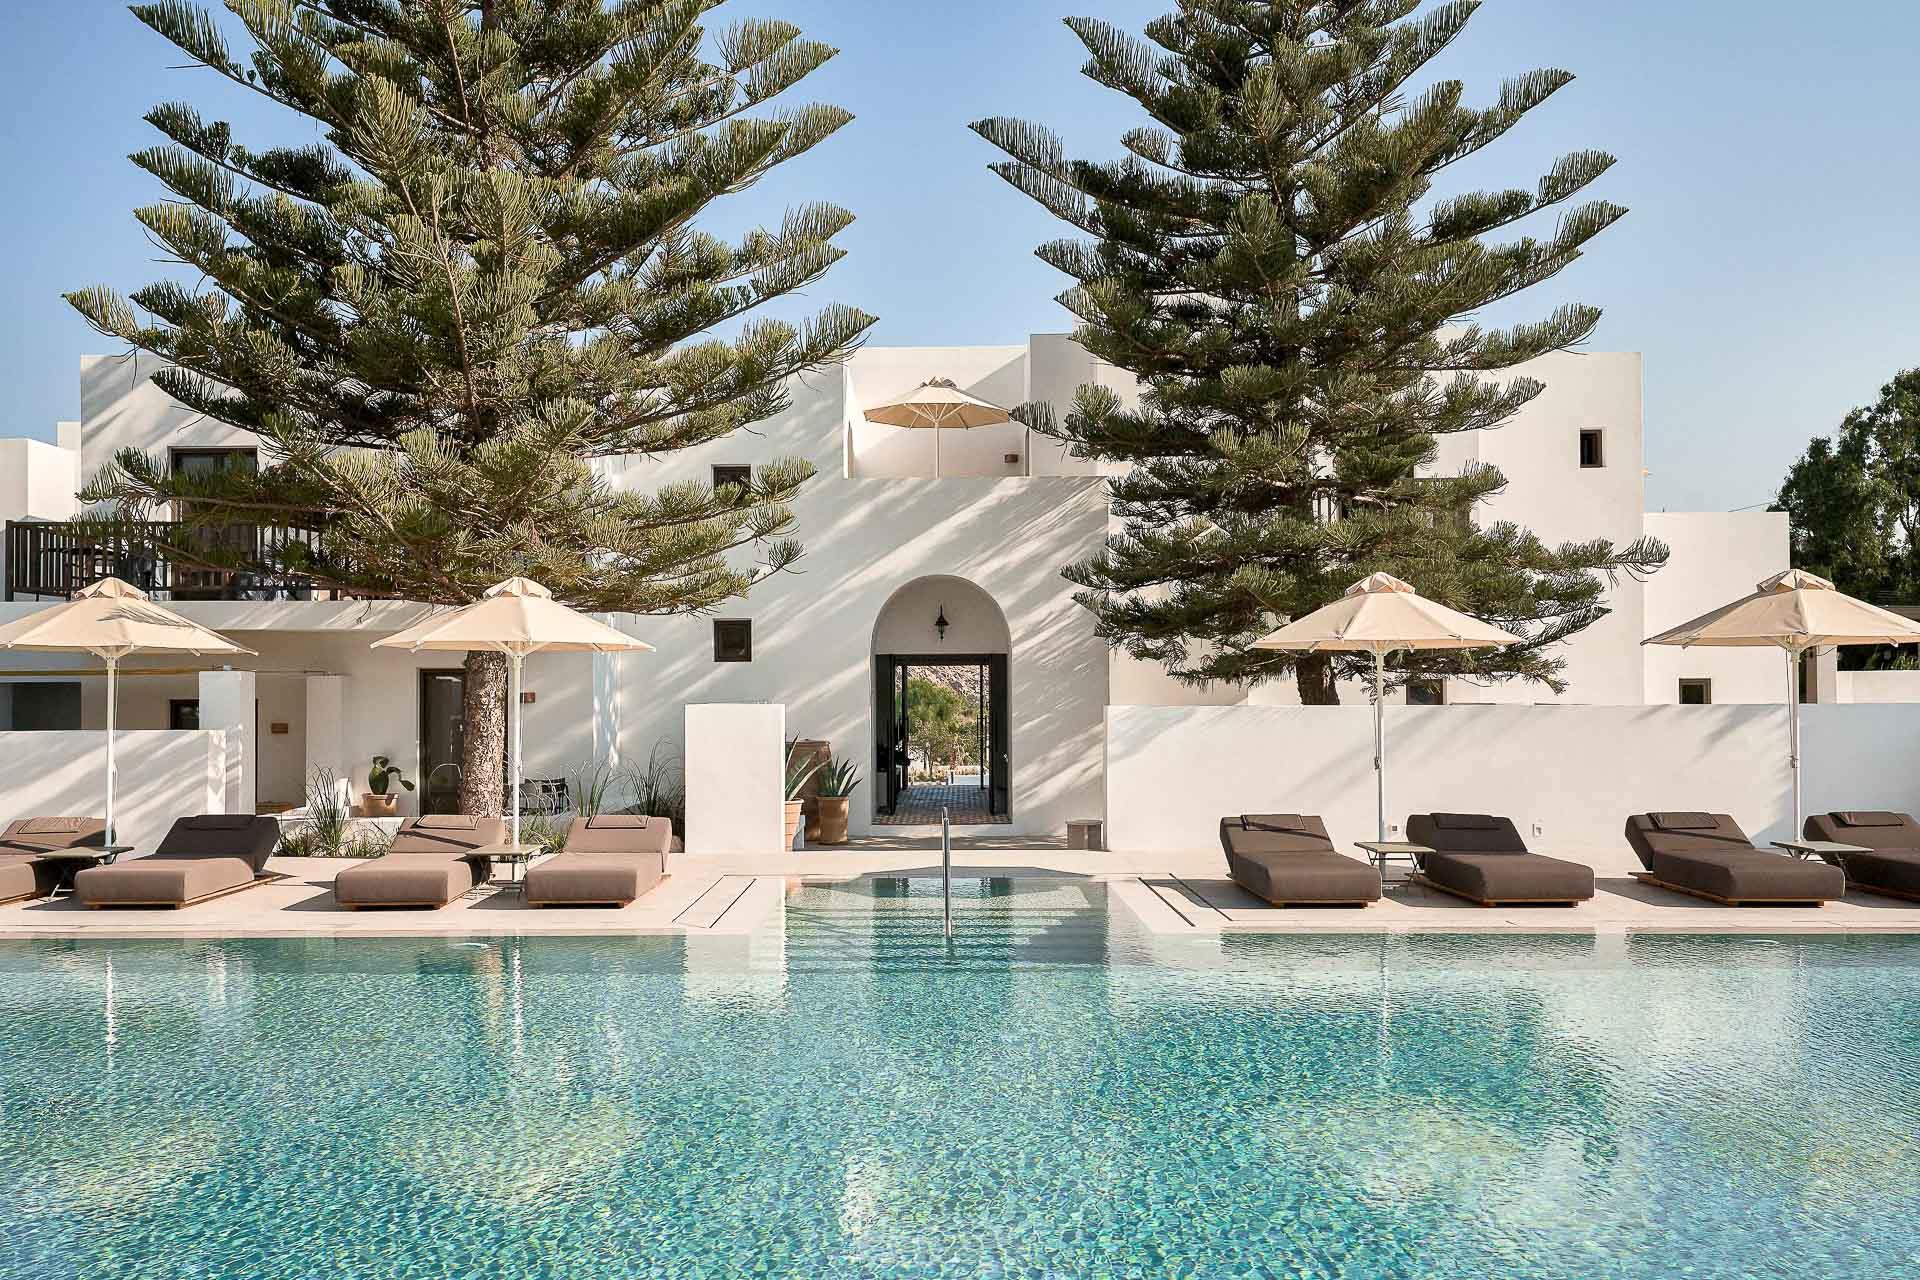 À Paros, troisième plus grande île des Cyclades par la taille, vient d'être inauguré Parilio, un boutique-hôtel de 33 suites aux intérieurs minimalistes léchés. Visite en images de l'adresse membre des Design Hotels, déjà considérée comme l'une des plus stylées de l'archipel grec.